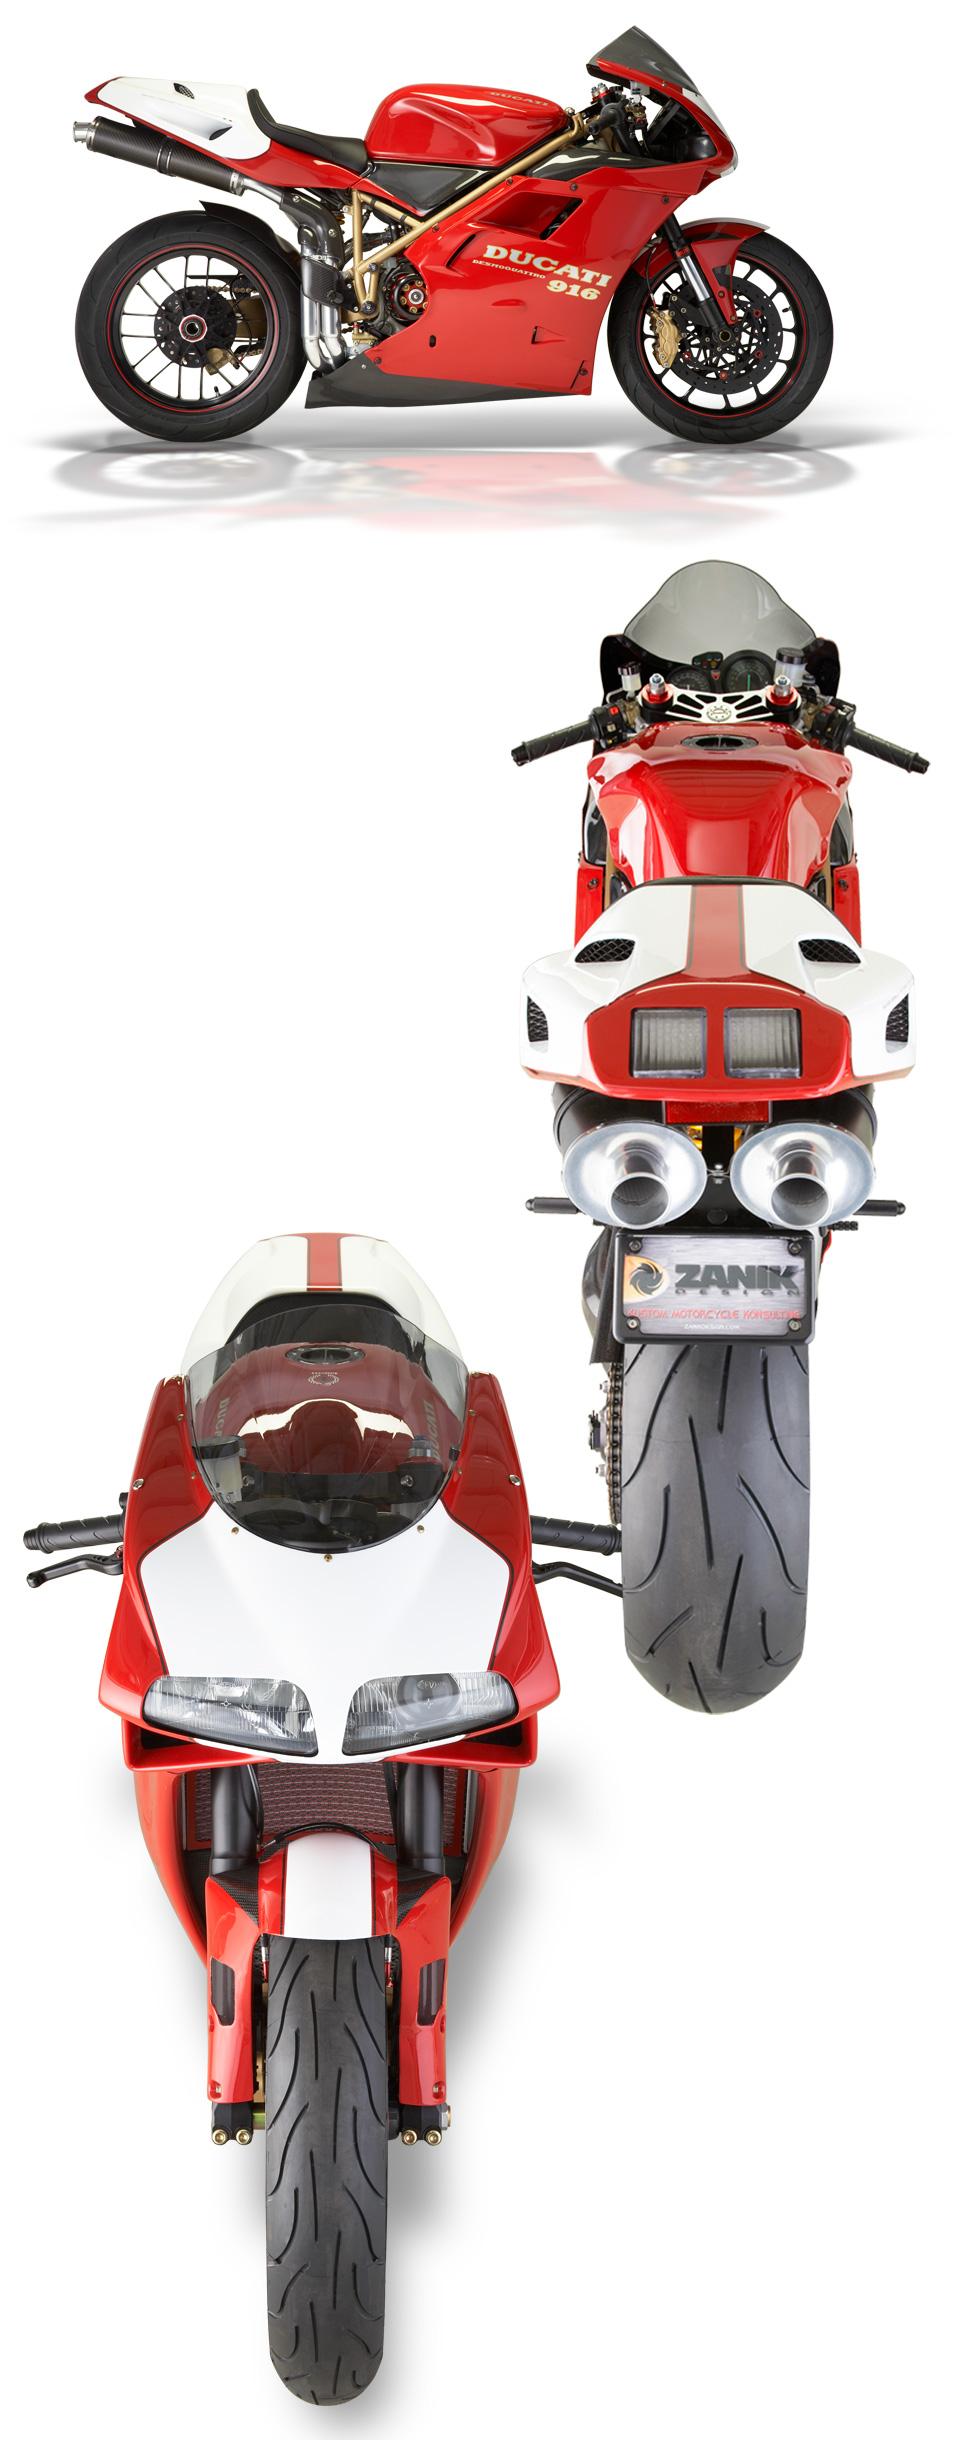 Ducati_1